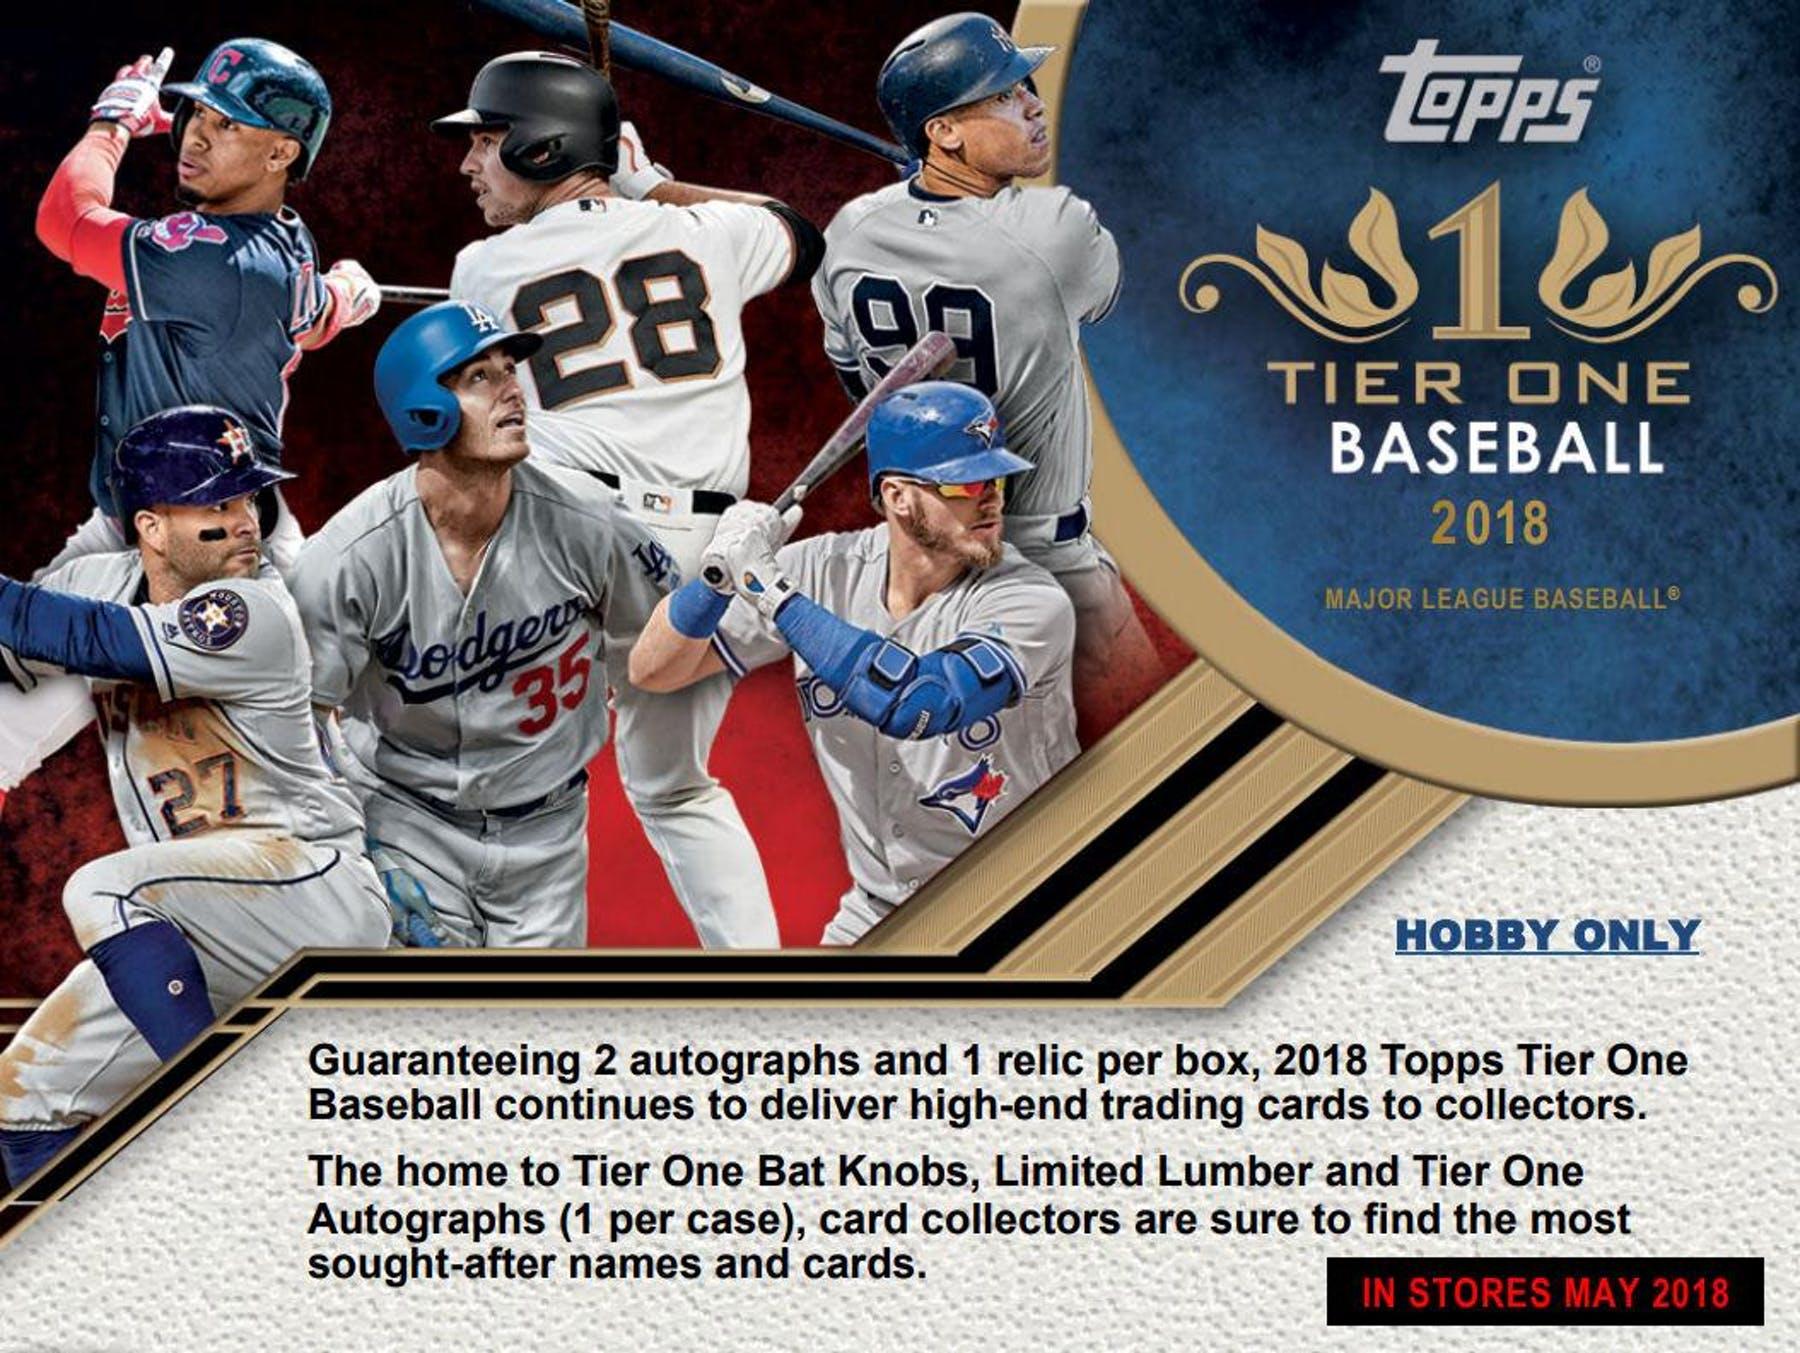 2018 Topps Tier One Baseball Hobby Box